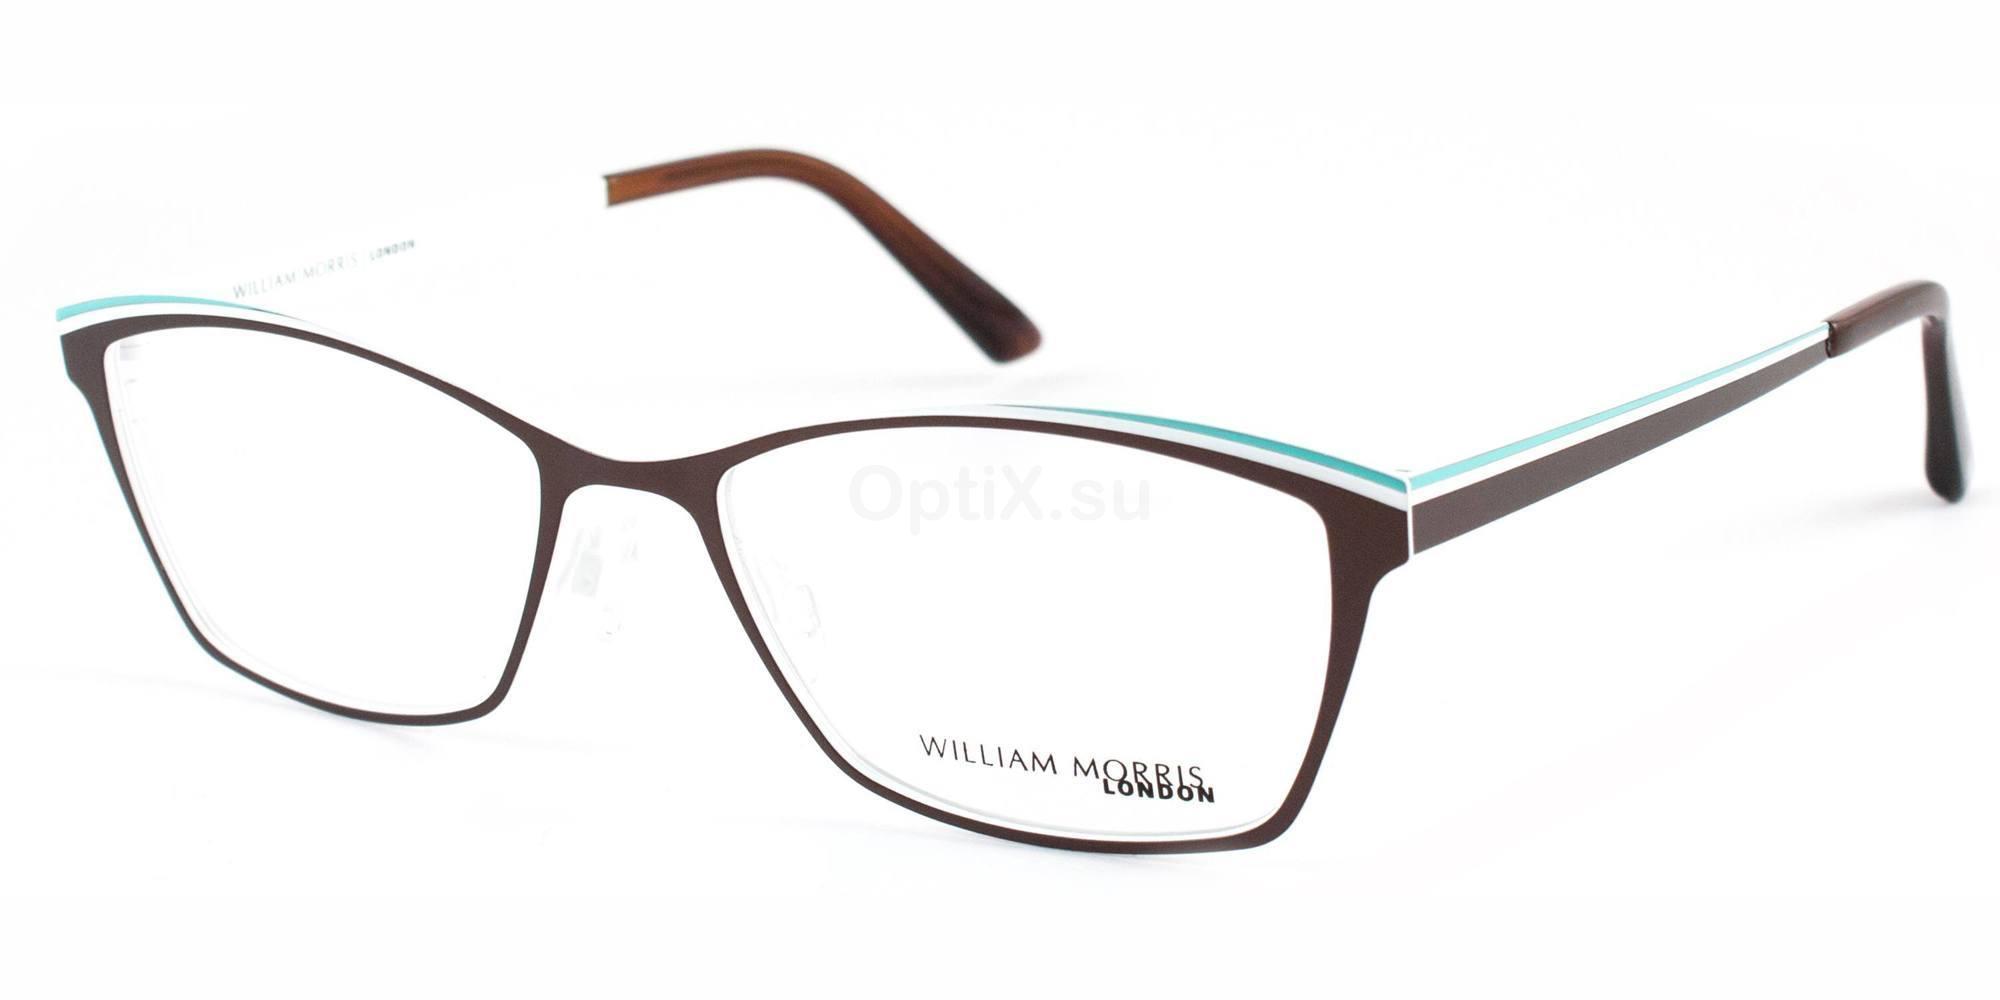 C1 WL4135 , William Morris London